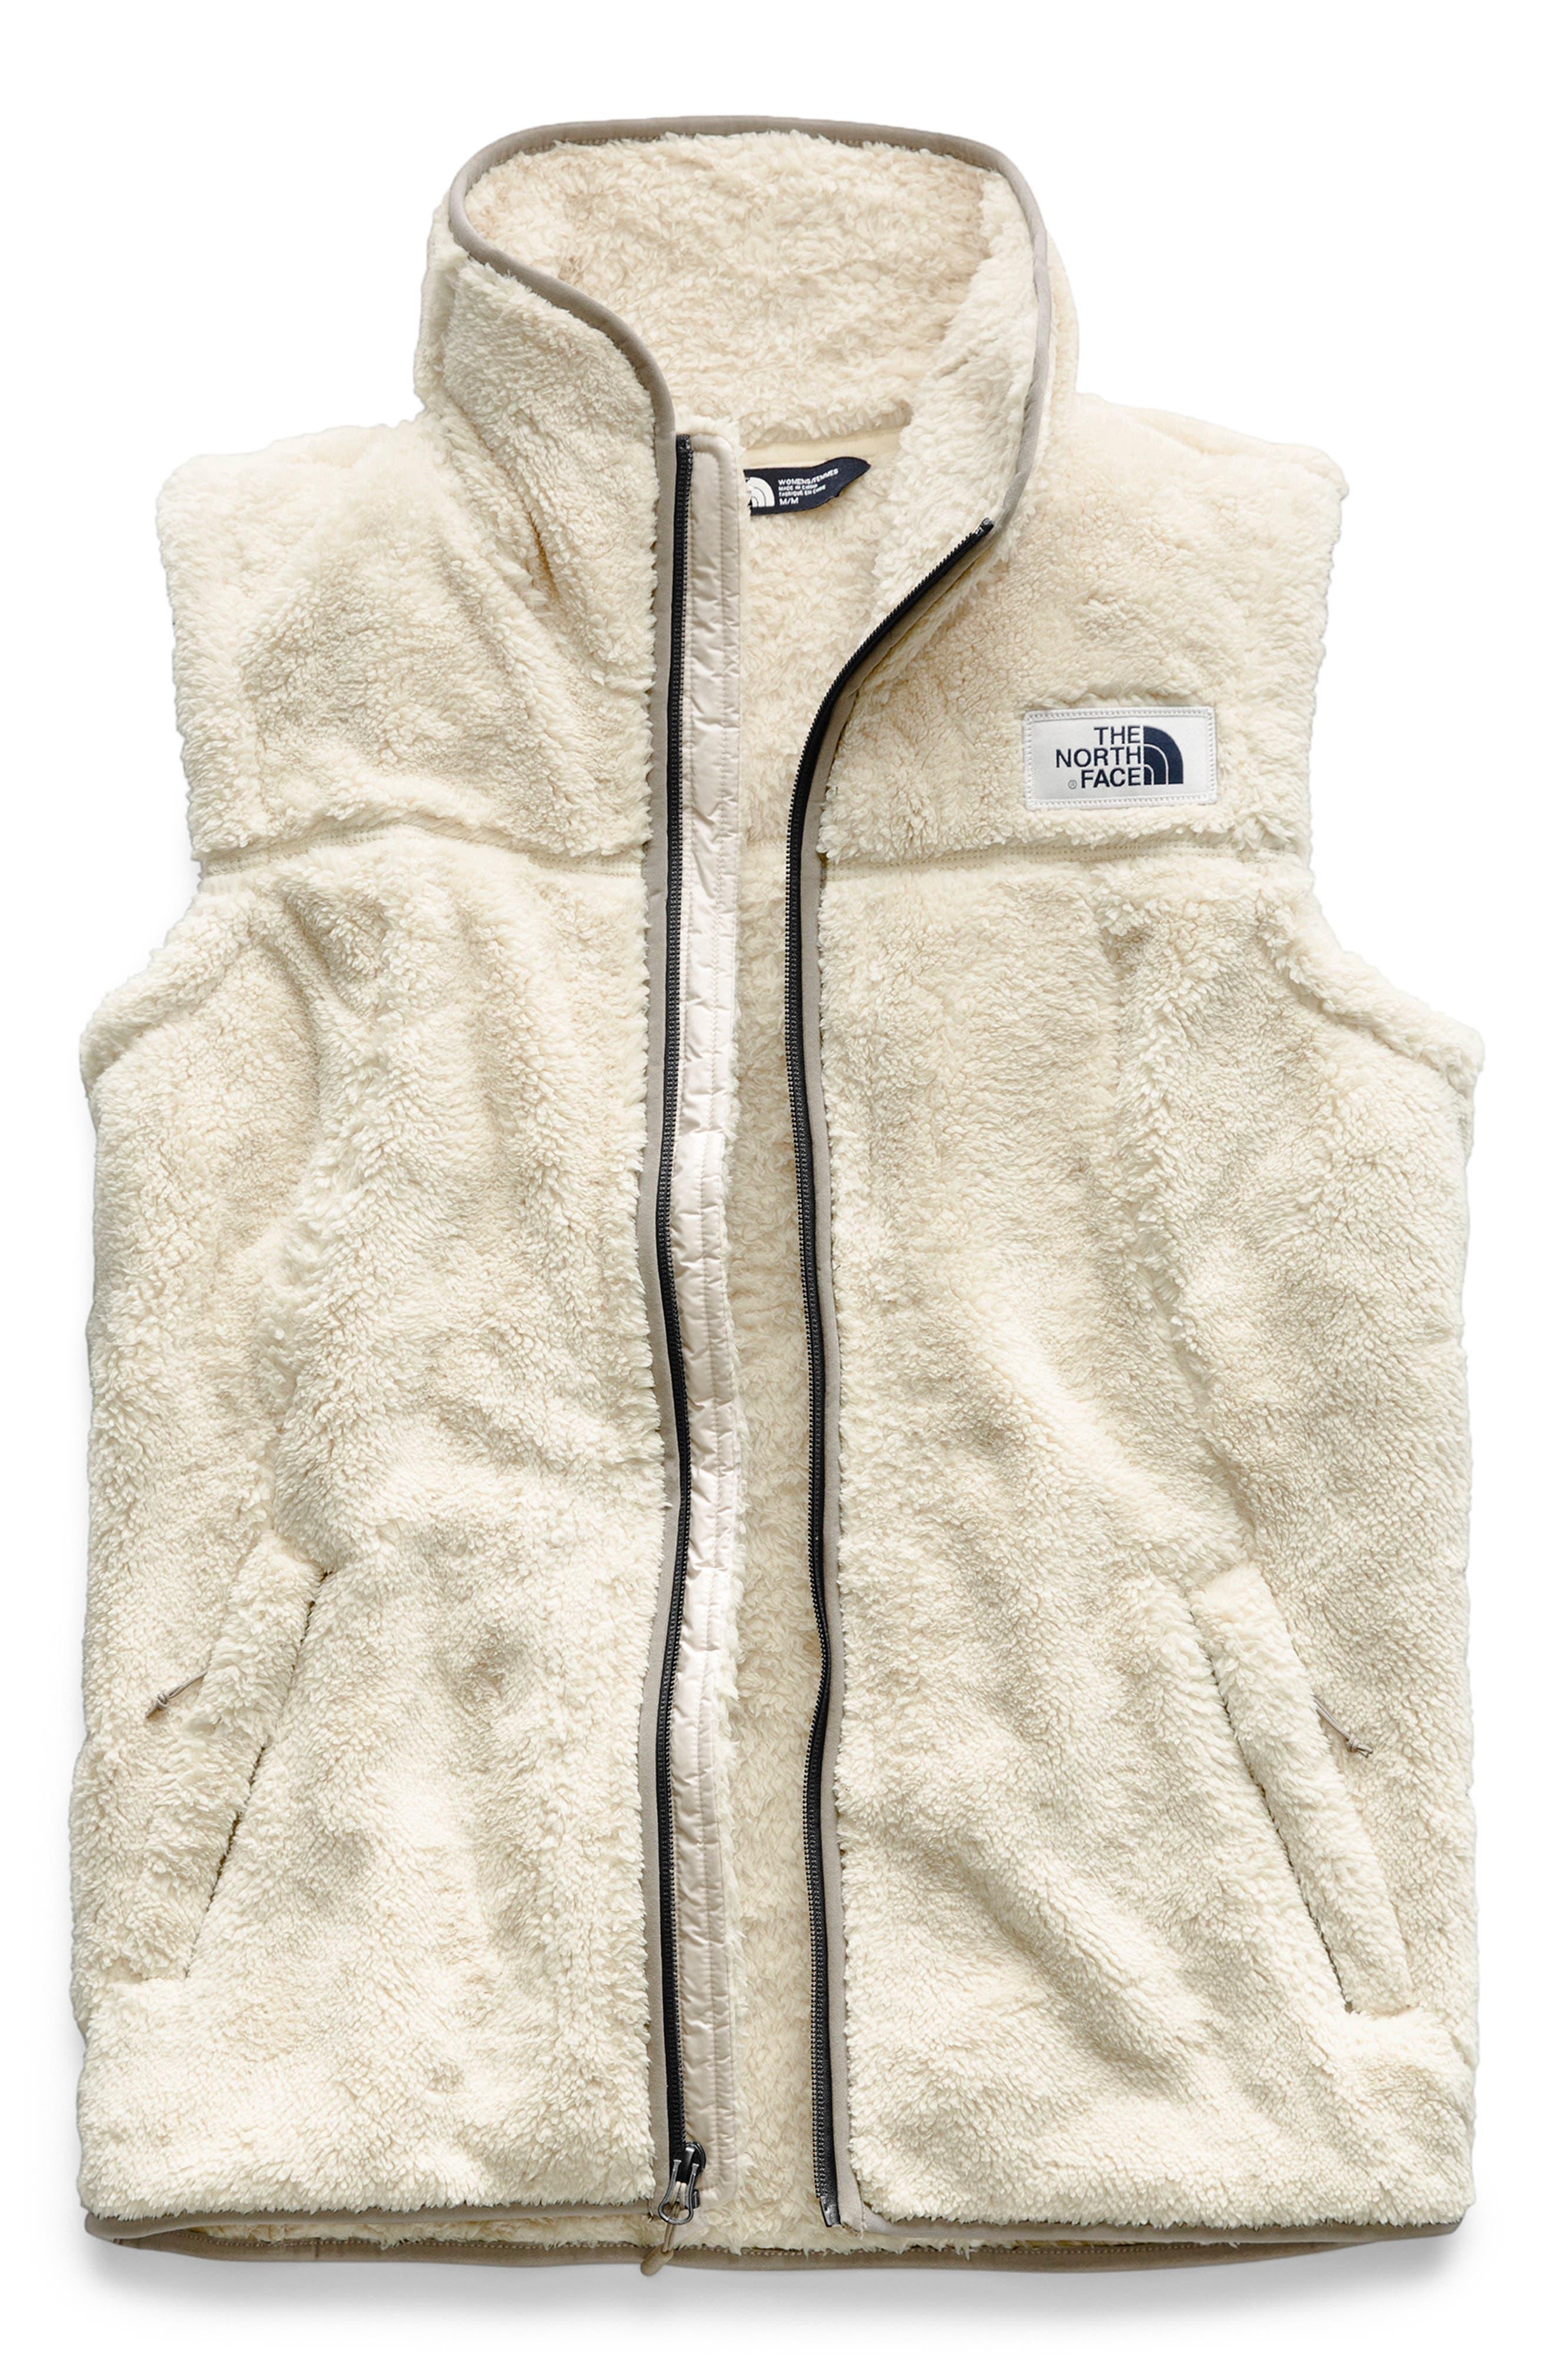 Campshire Fleece Vest, Main, color, VINTAGE WHITE/ GREY